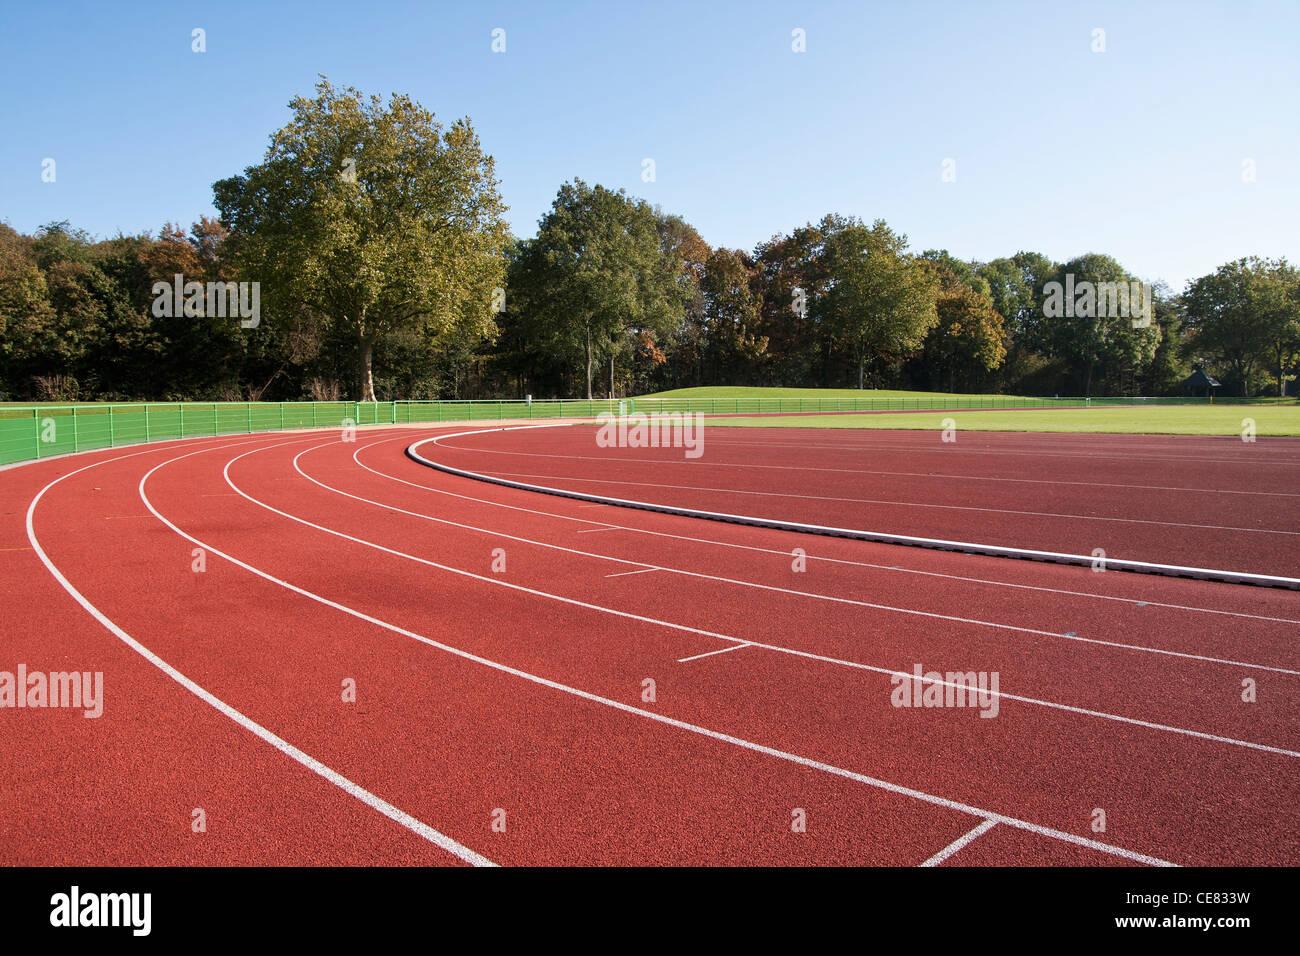 Les lignes d'une piste de course sur une journée ensoleillée Photo Stock